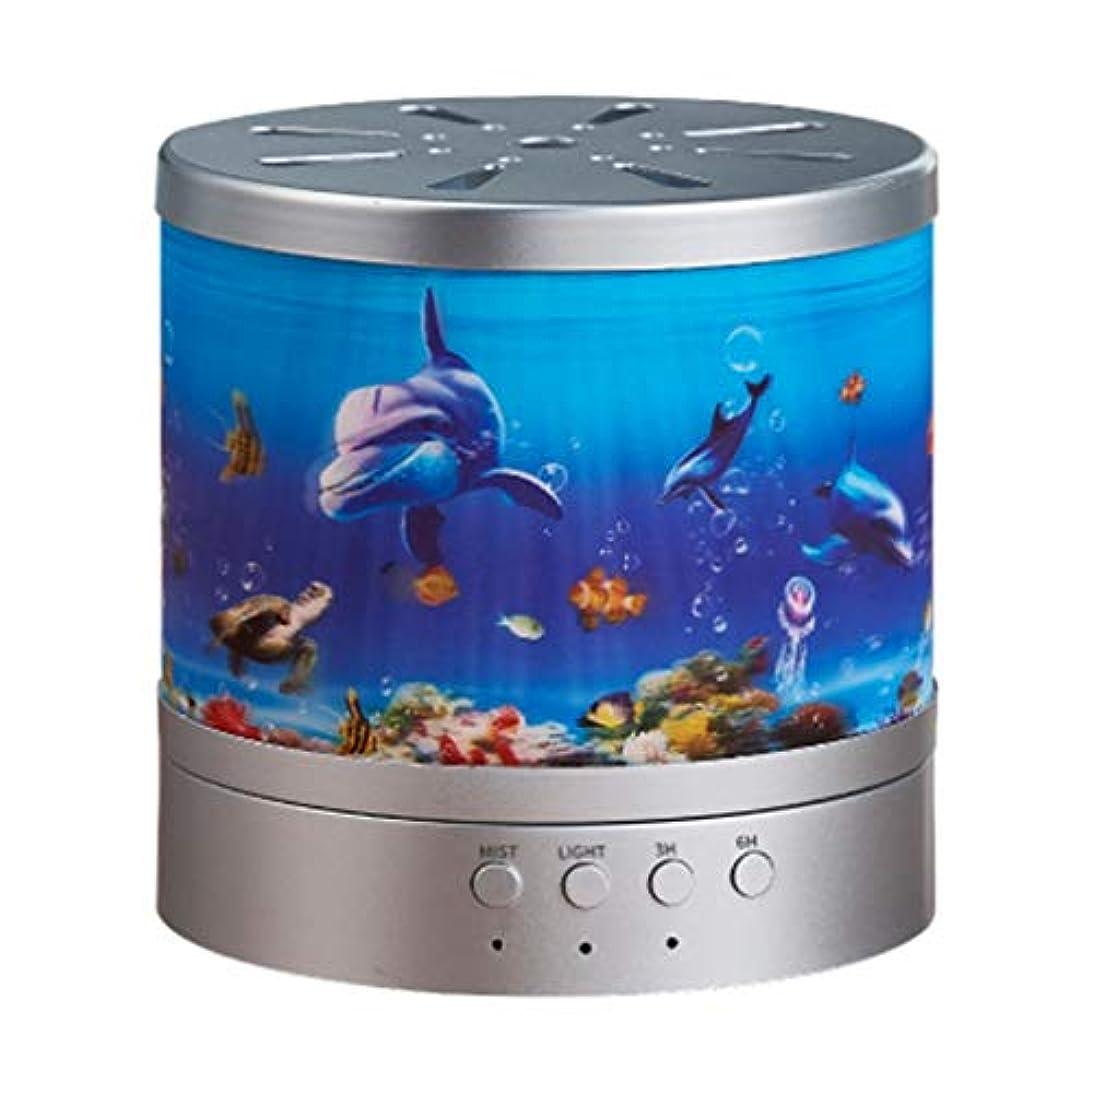 ほめるマザーランドおもちゃ精油のための海洋の主題の拡散器超音波涼しい霧の加湿器、水なしの自動シャットオフおよび7つの色LEDライトは内務省のために変わります (Color : Silver)